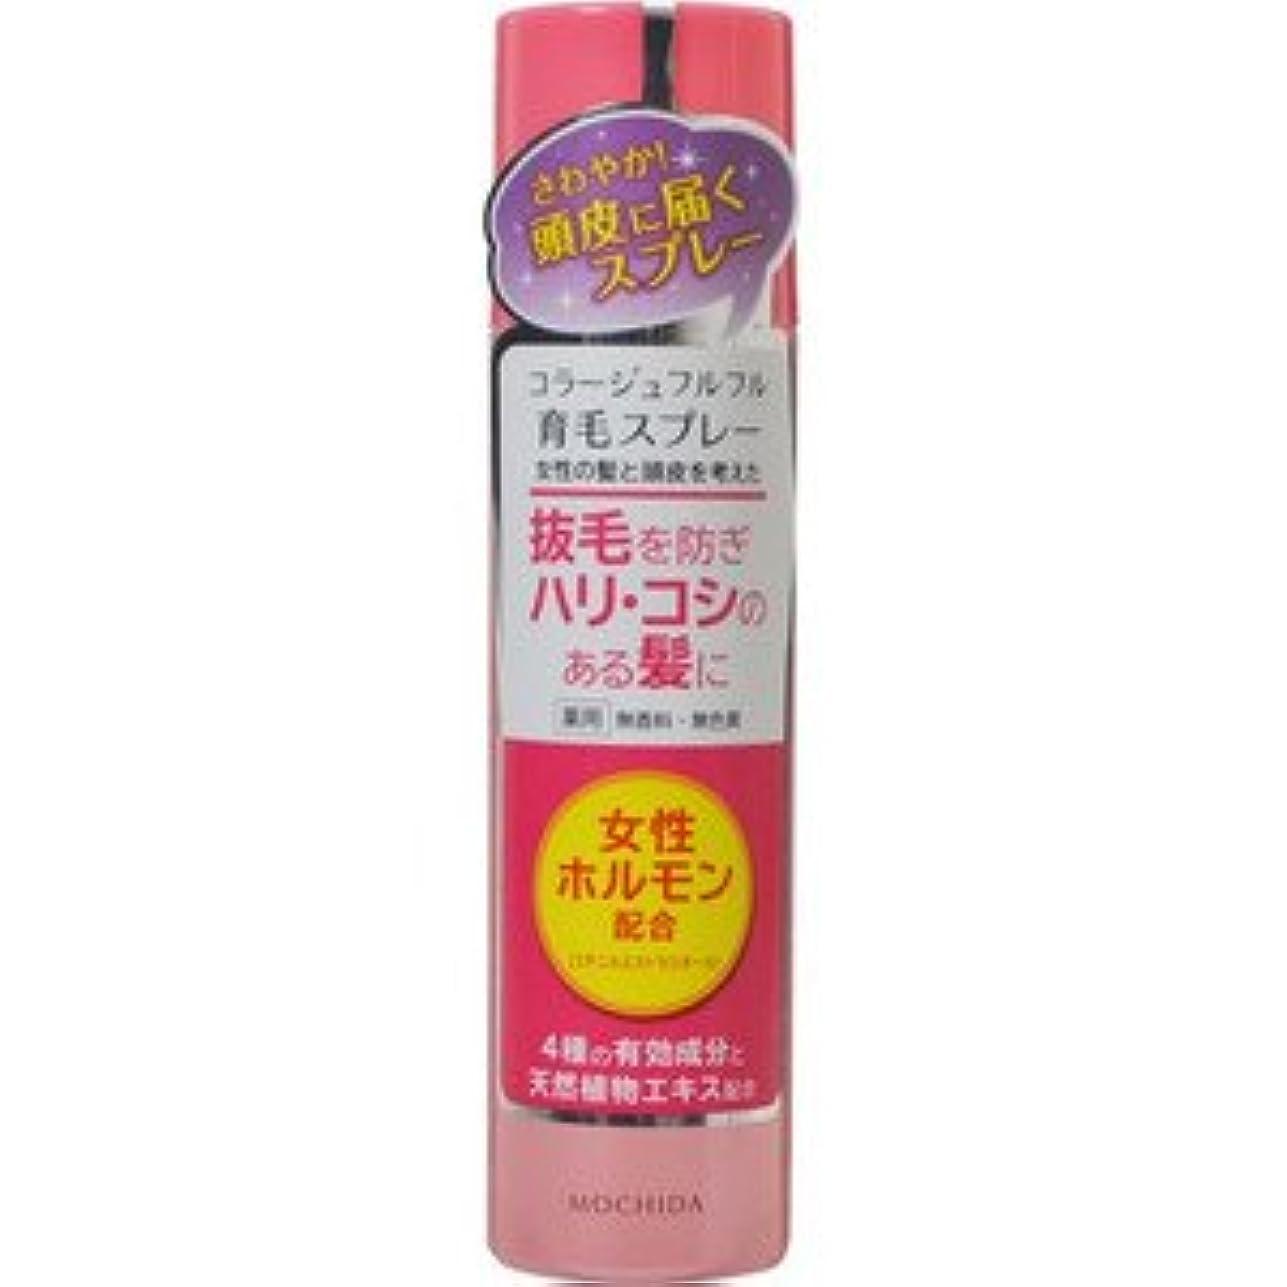 ぼろ石膏ユニークな(持田ヘルスケア)コラージュフルフル 育毛スプレー 150g(医薬部外品)